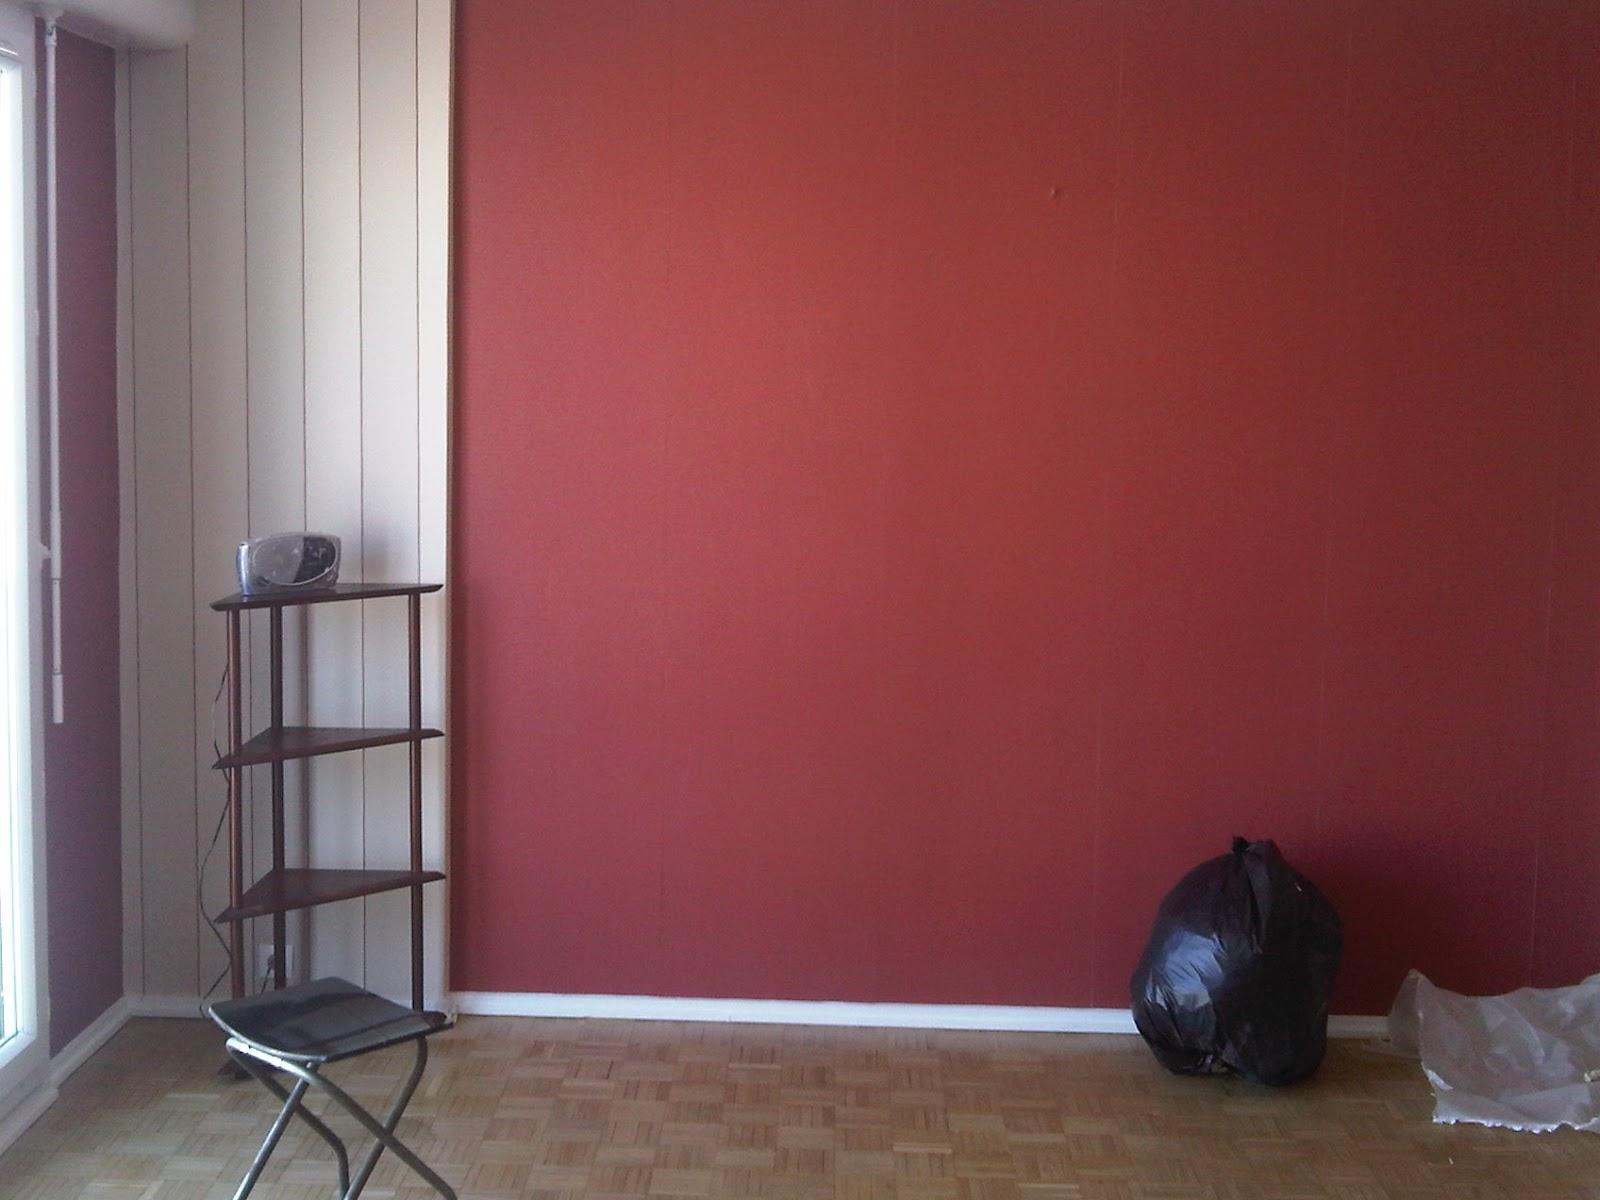 prix discount vitrification parquet et ou renovation. Black Bedroom Furniture Sets. Home Design Ideas